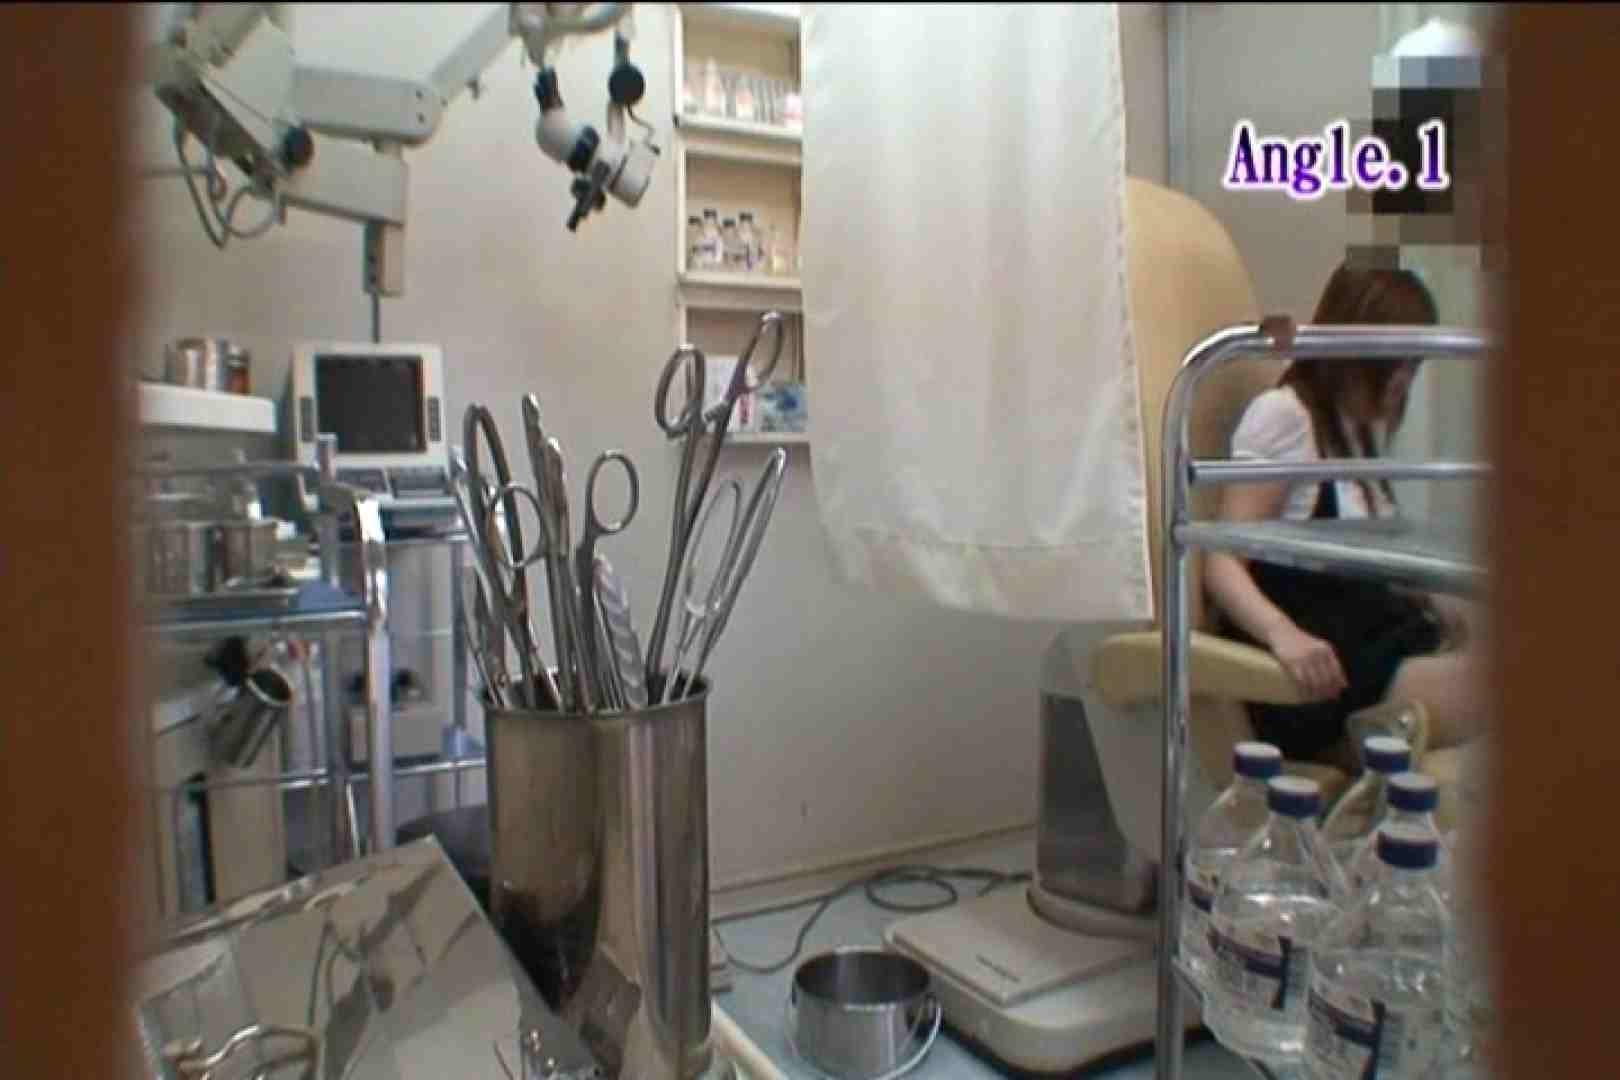 患者のおまんこをコレクションする変態医師の流出映像Vol.1 おまんこ  78pic 39